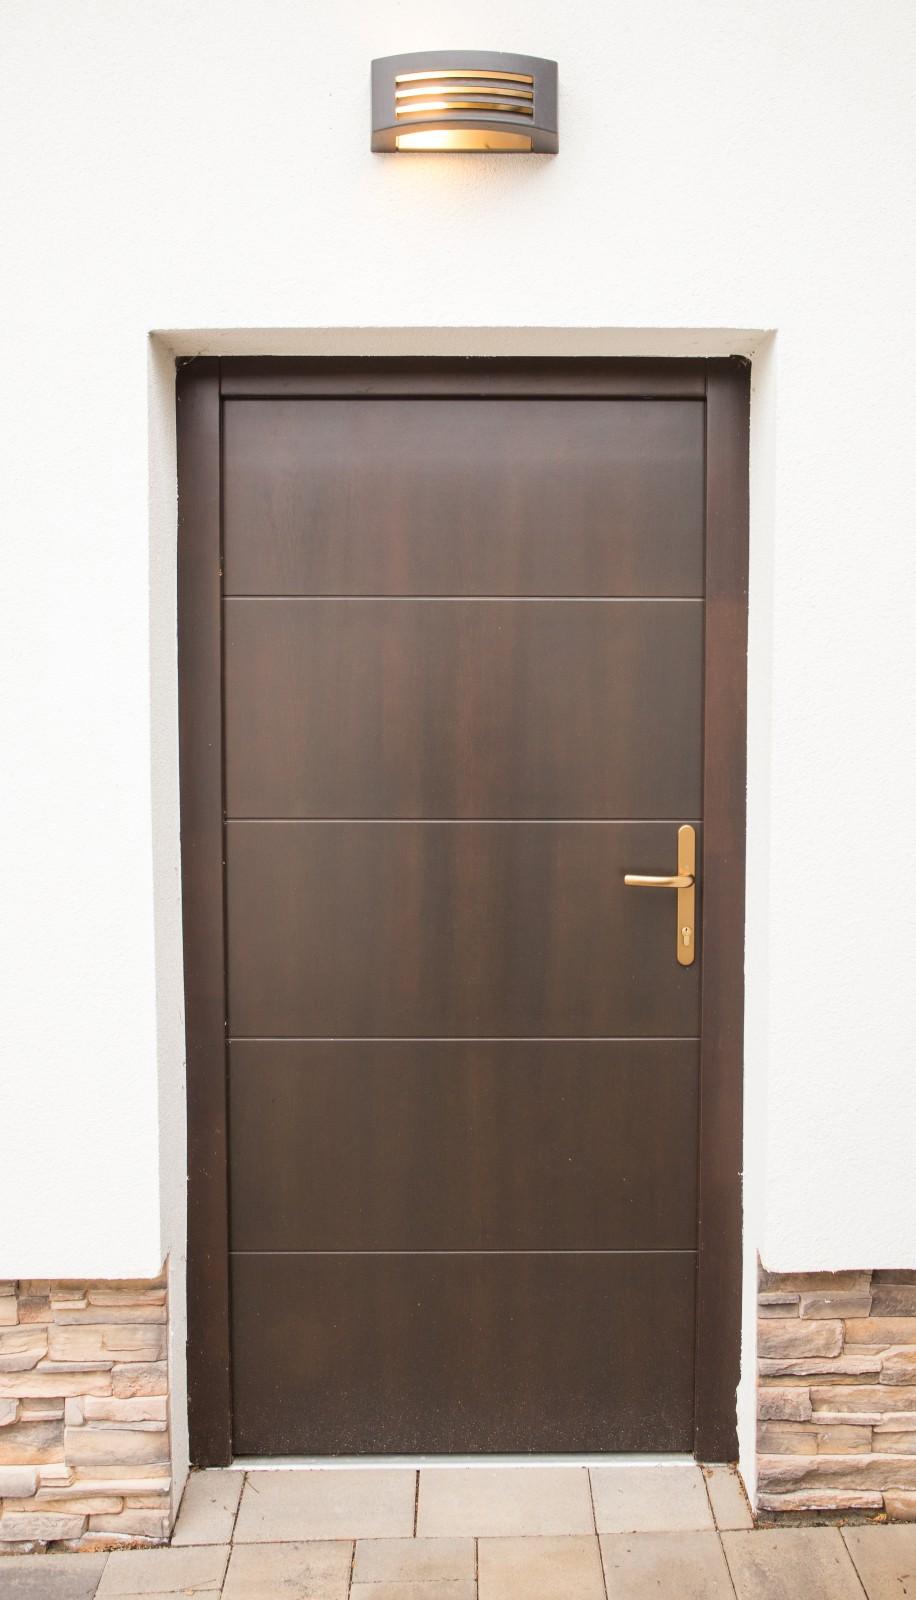 Hazai erdei fenyőből készült kültéri ajtók